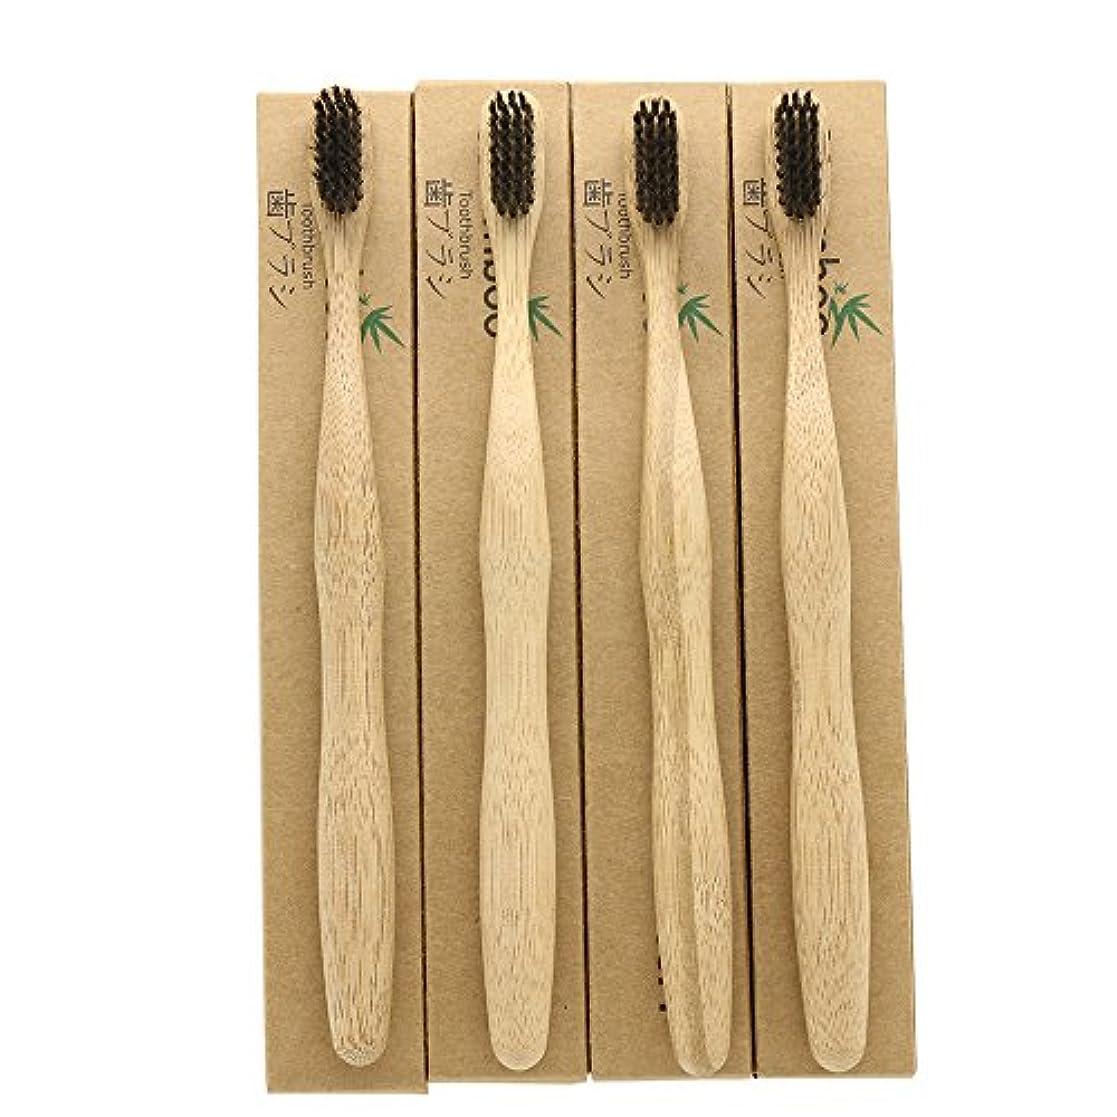 泥だらけ全滅させる金曜日N-amboo 竹製耐久度高い 歯ブラシ  黒い ハンドル大きい  4本入りセット